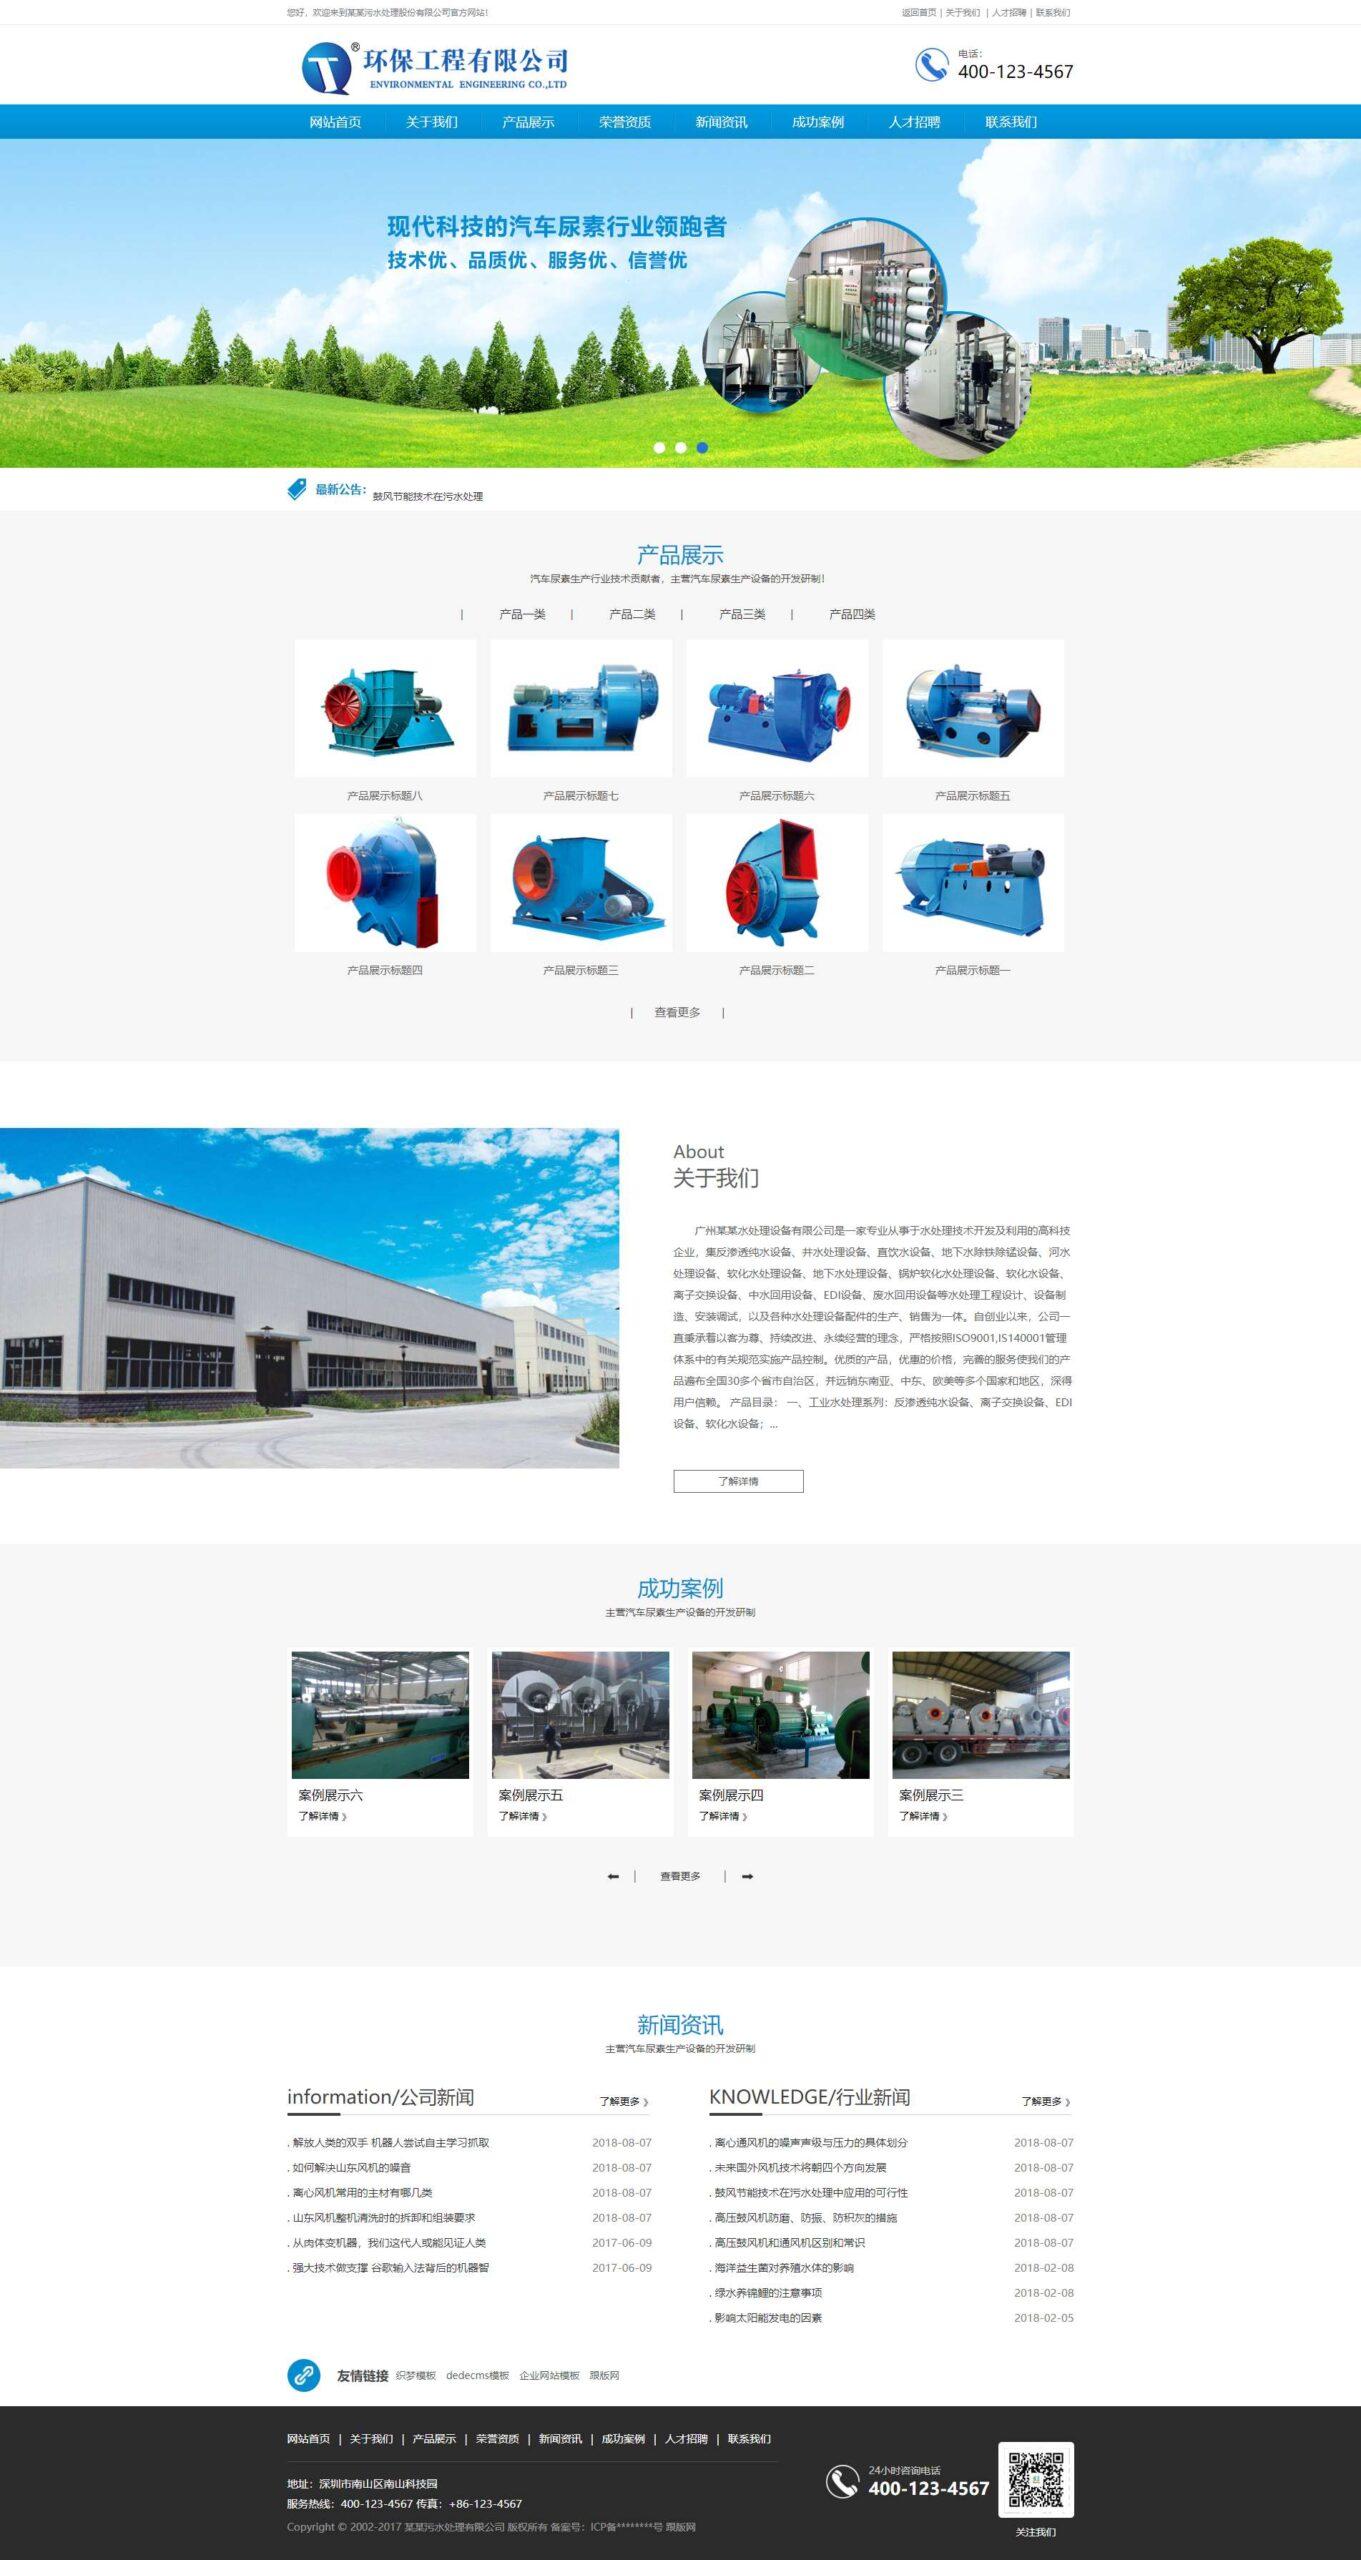 D103织梦dedecms模板开源程序源码废水处理机器设备行业网站模板[含手机版数据同步]